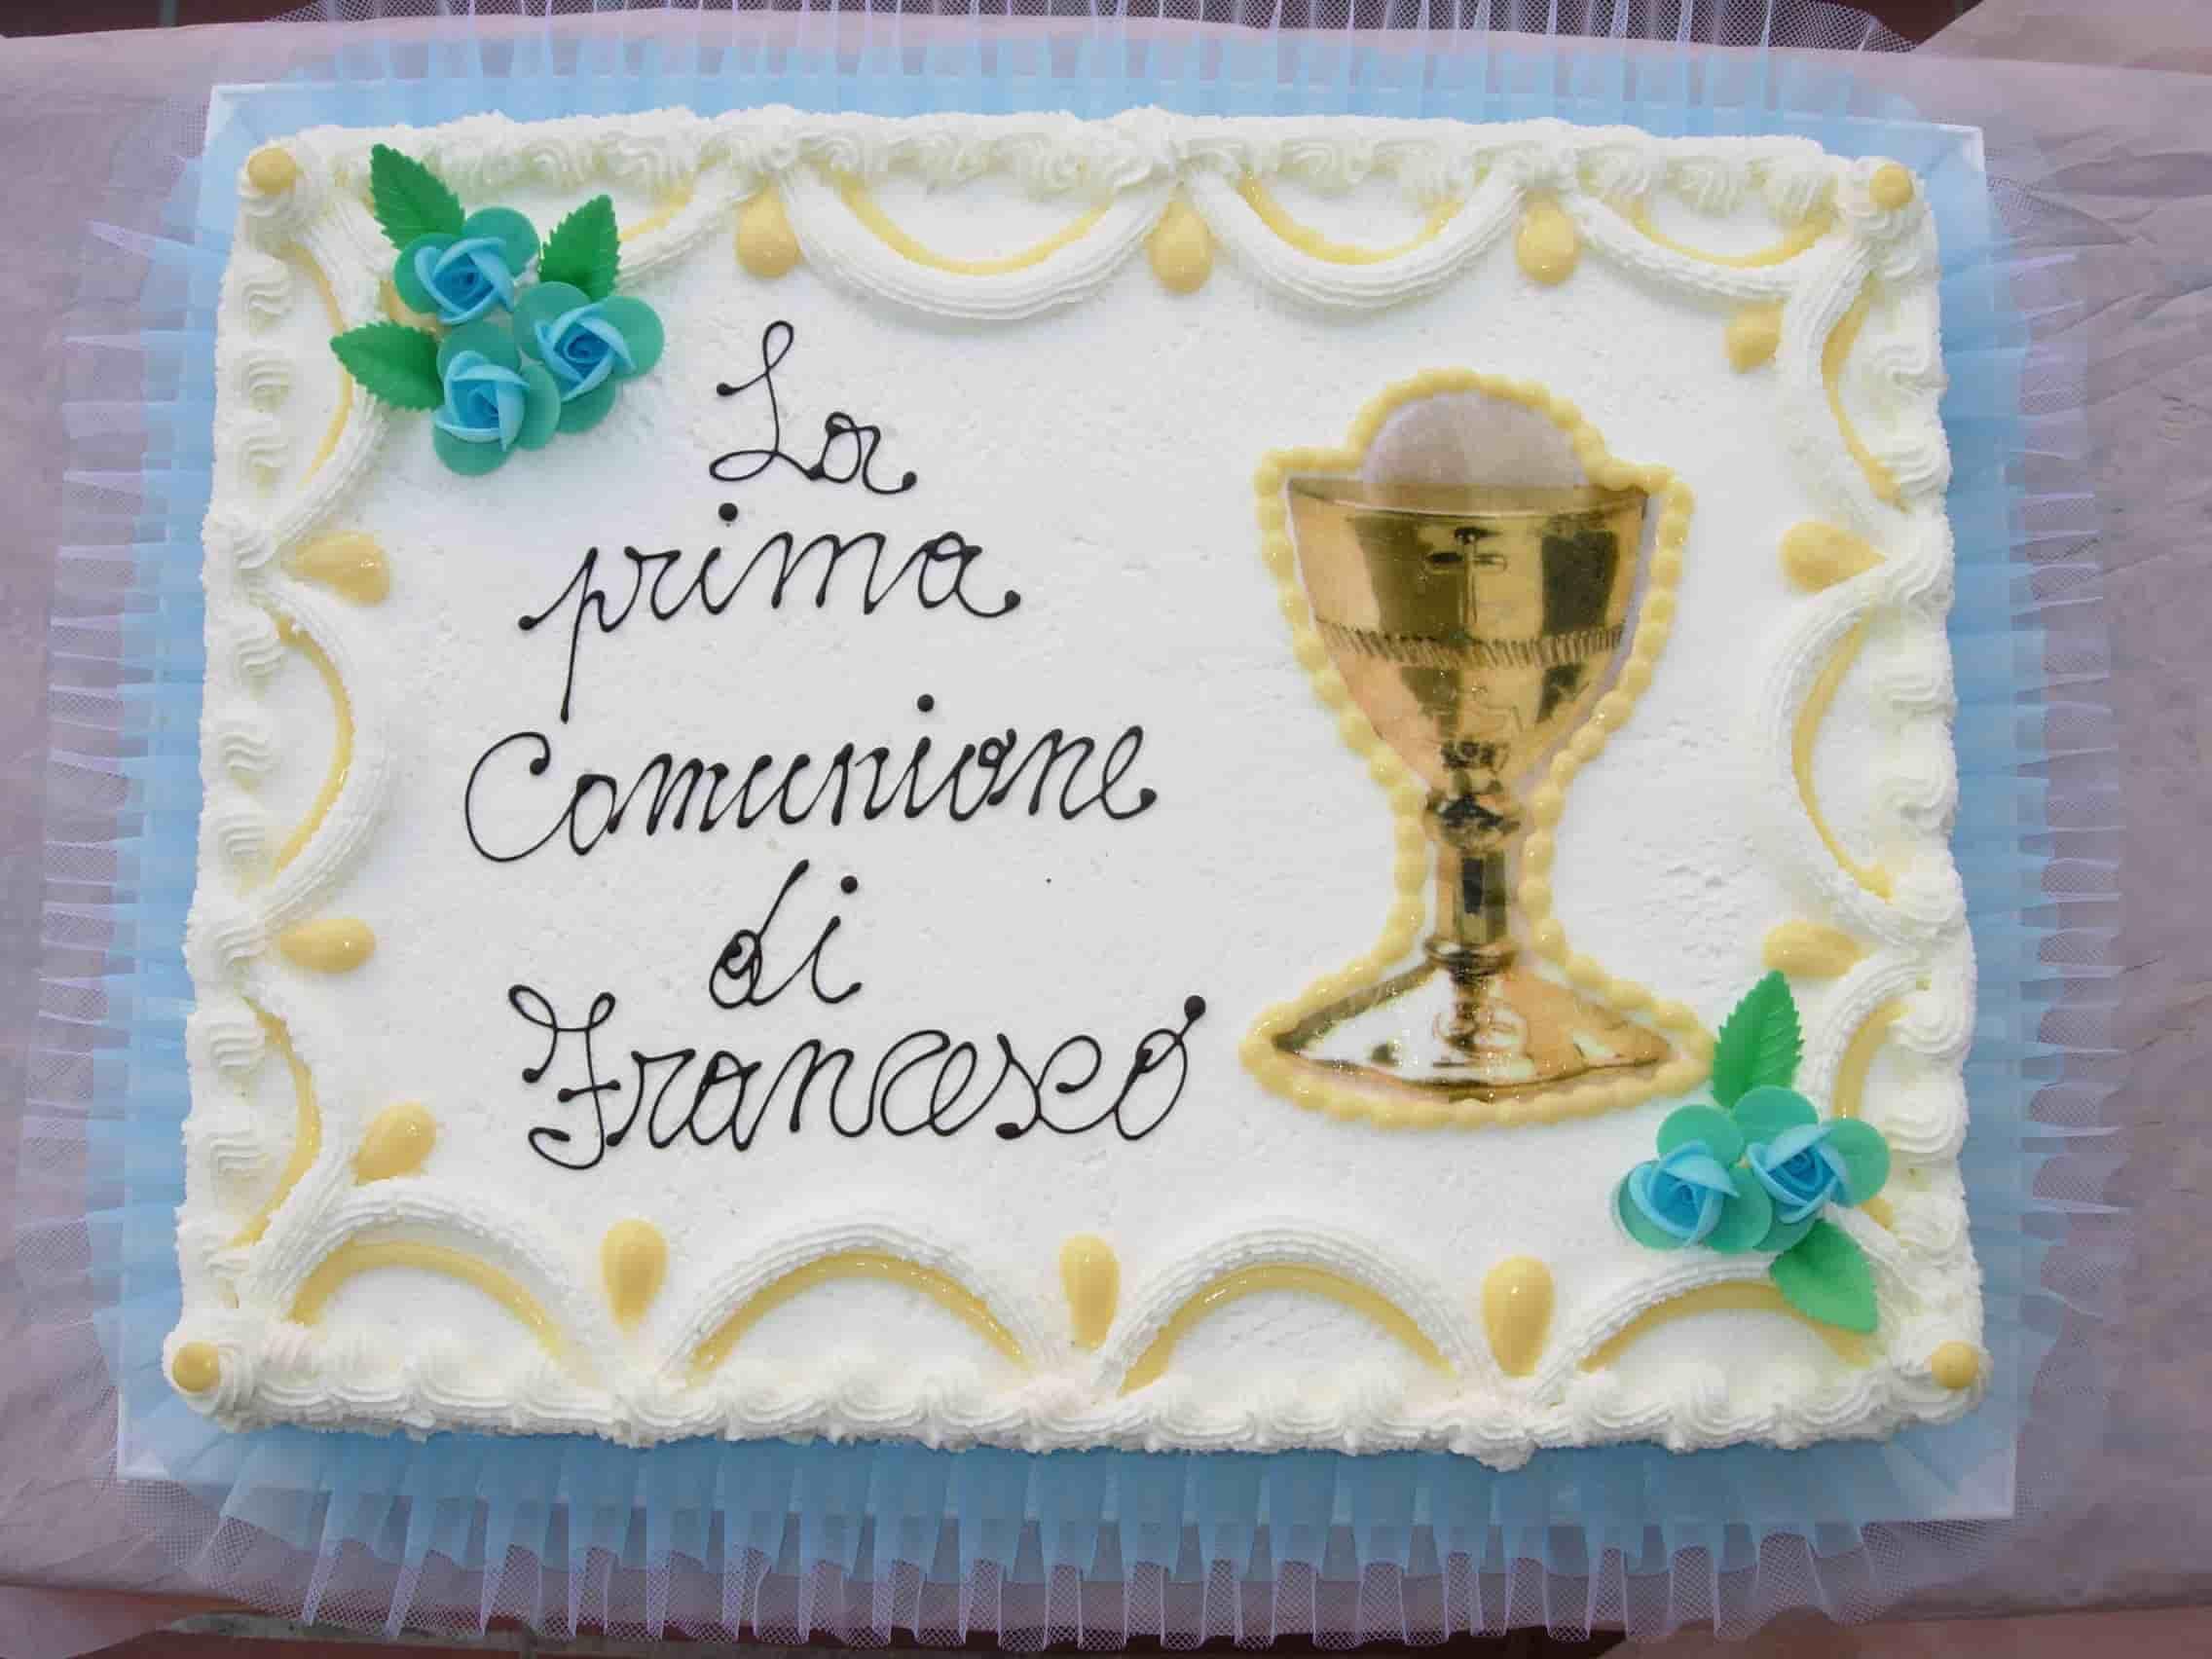 torta_comunione5-min